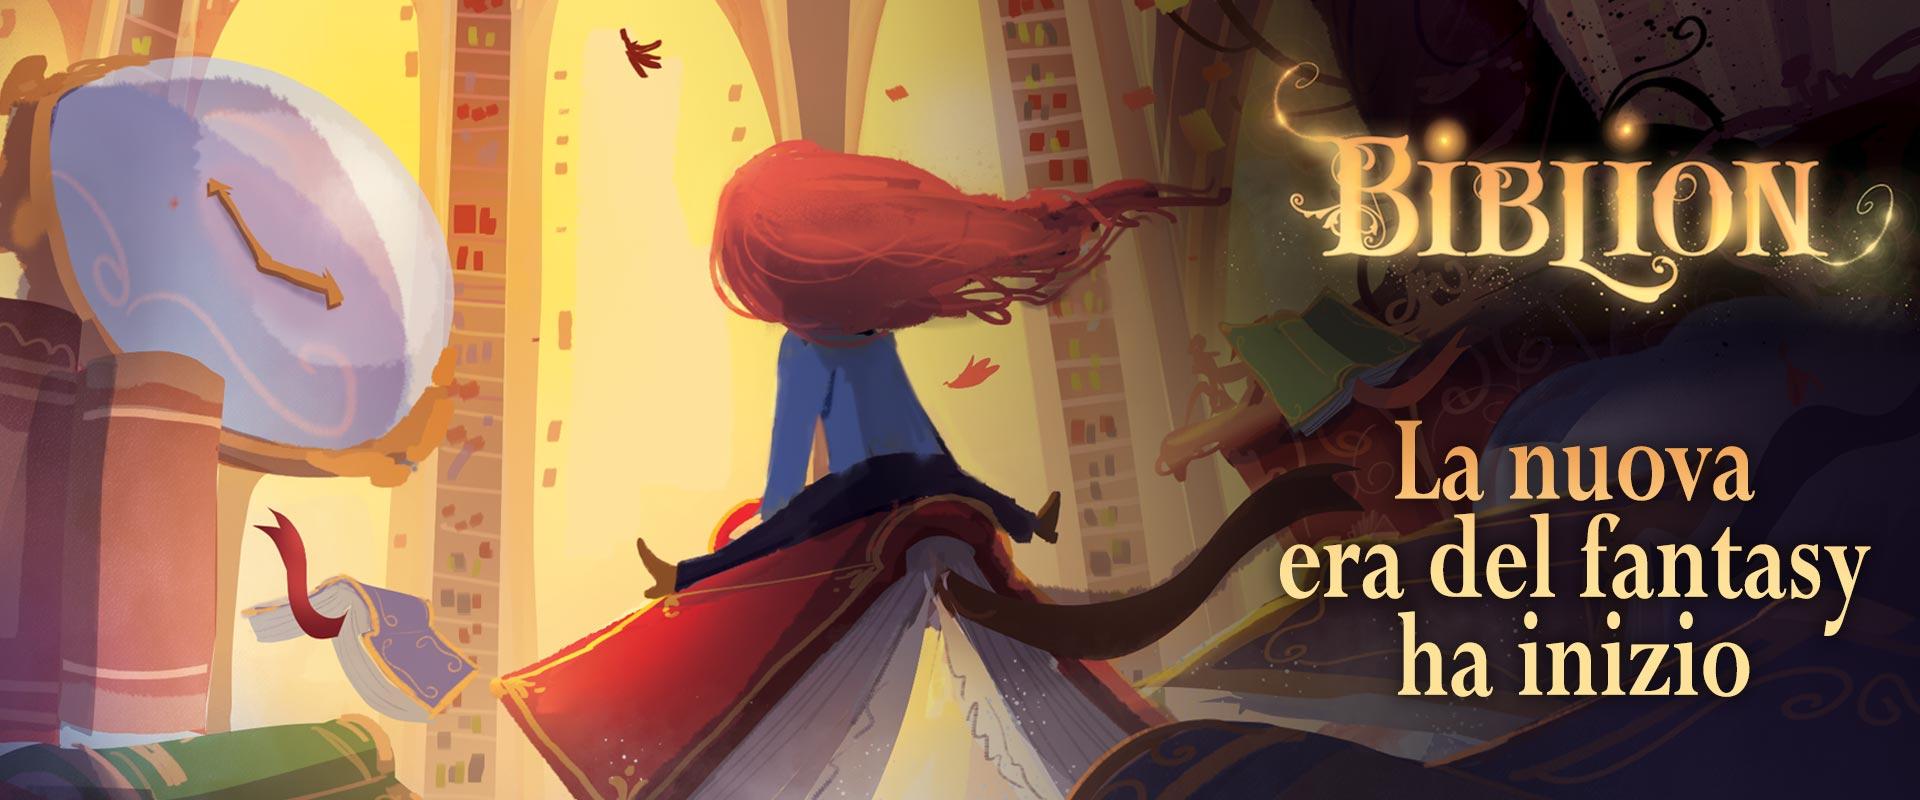 Biblion - Merilù Lanziani - La nuova era del fantasy ha inizio